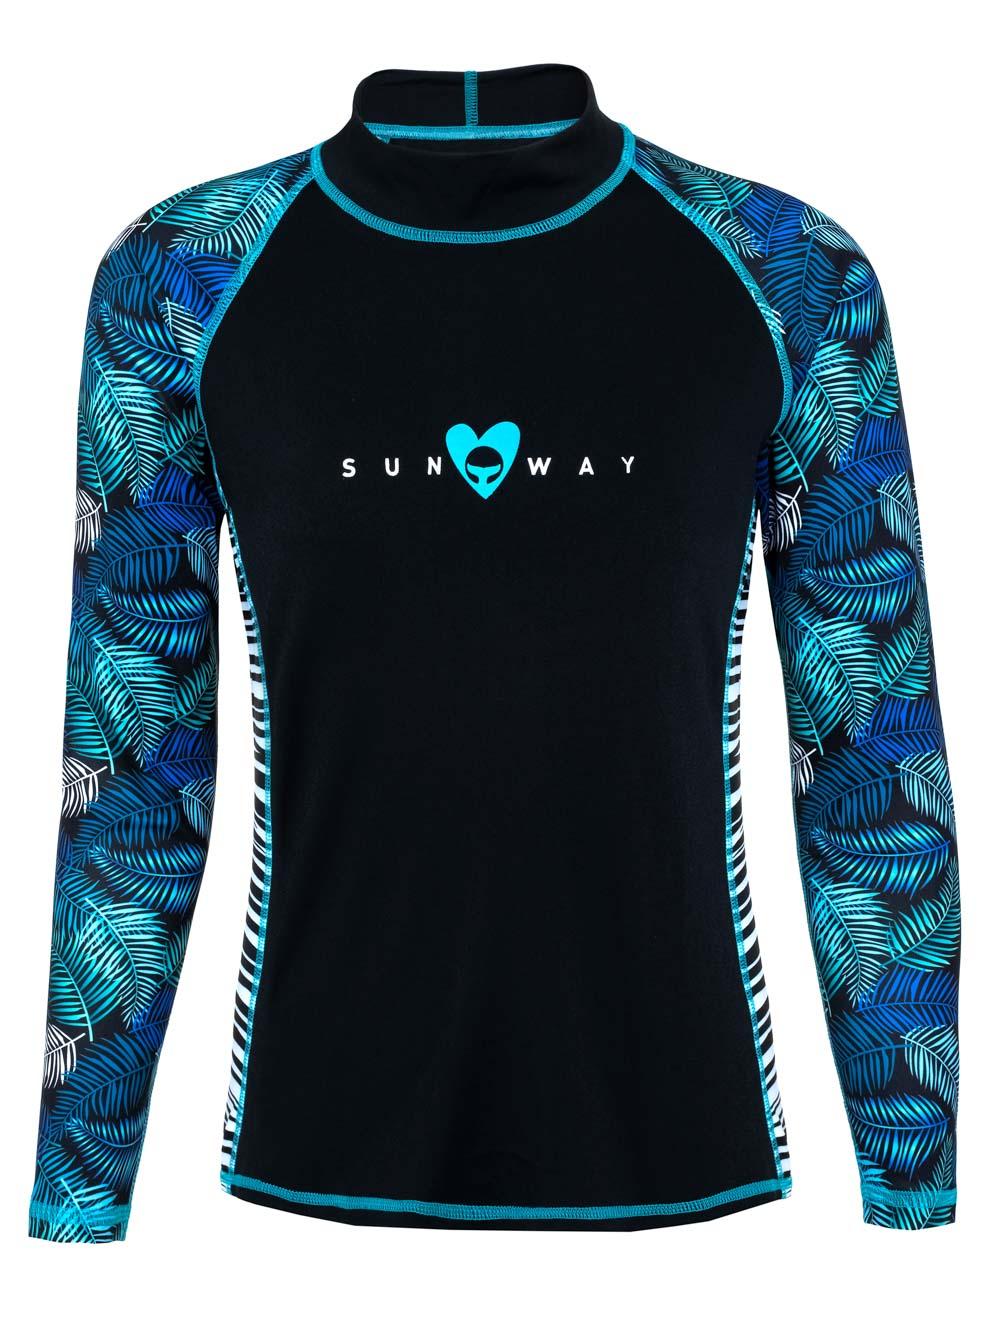 Long sleeves Rash Guard shirt for women 031 SunWay